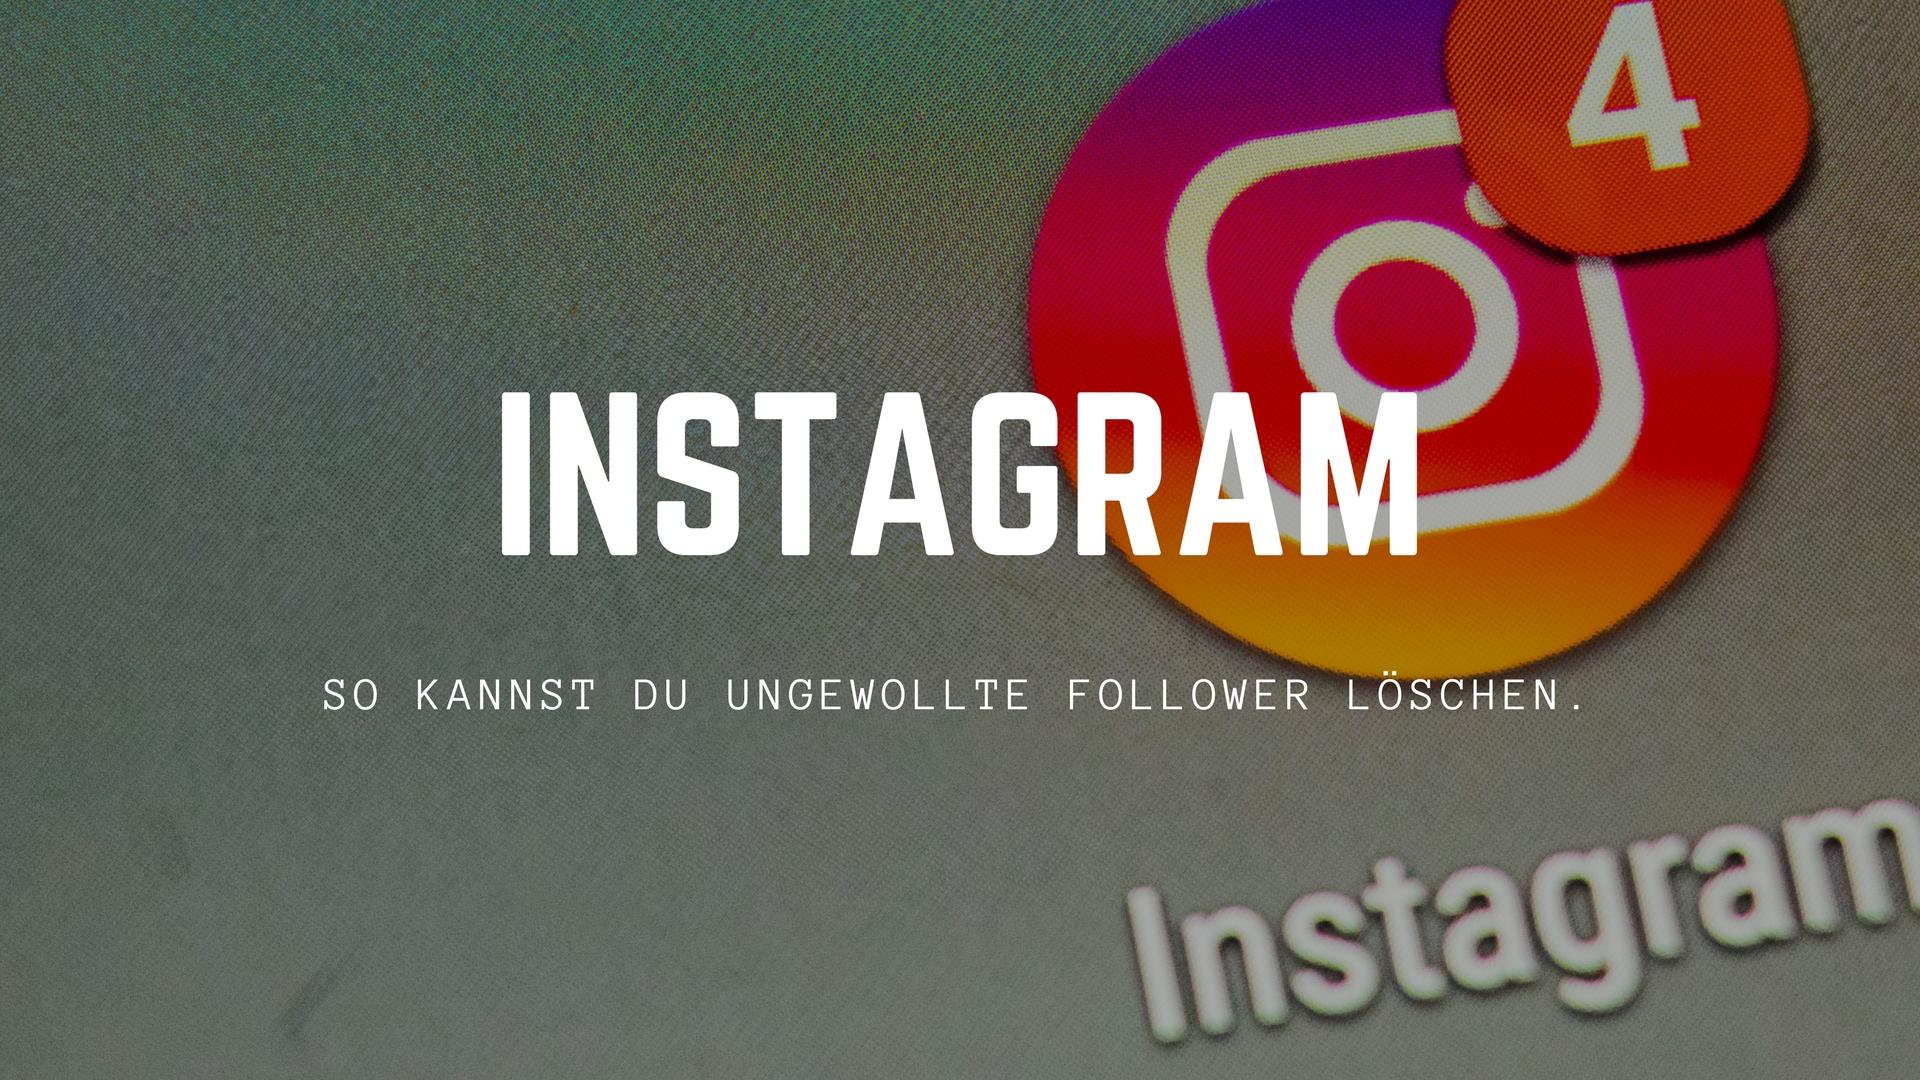 Instagram personen blockieren